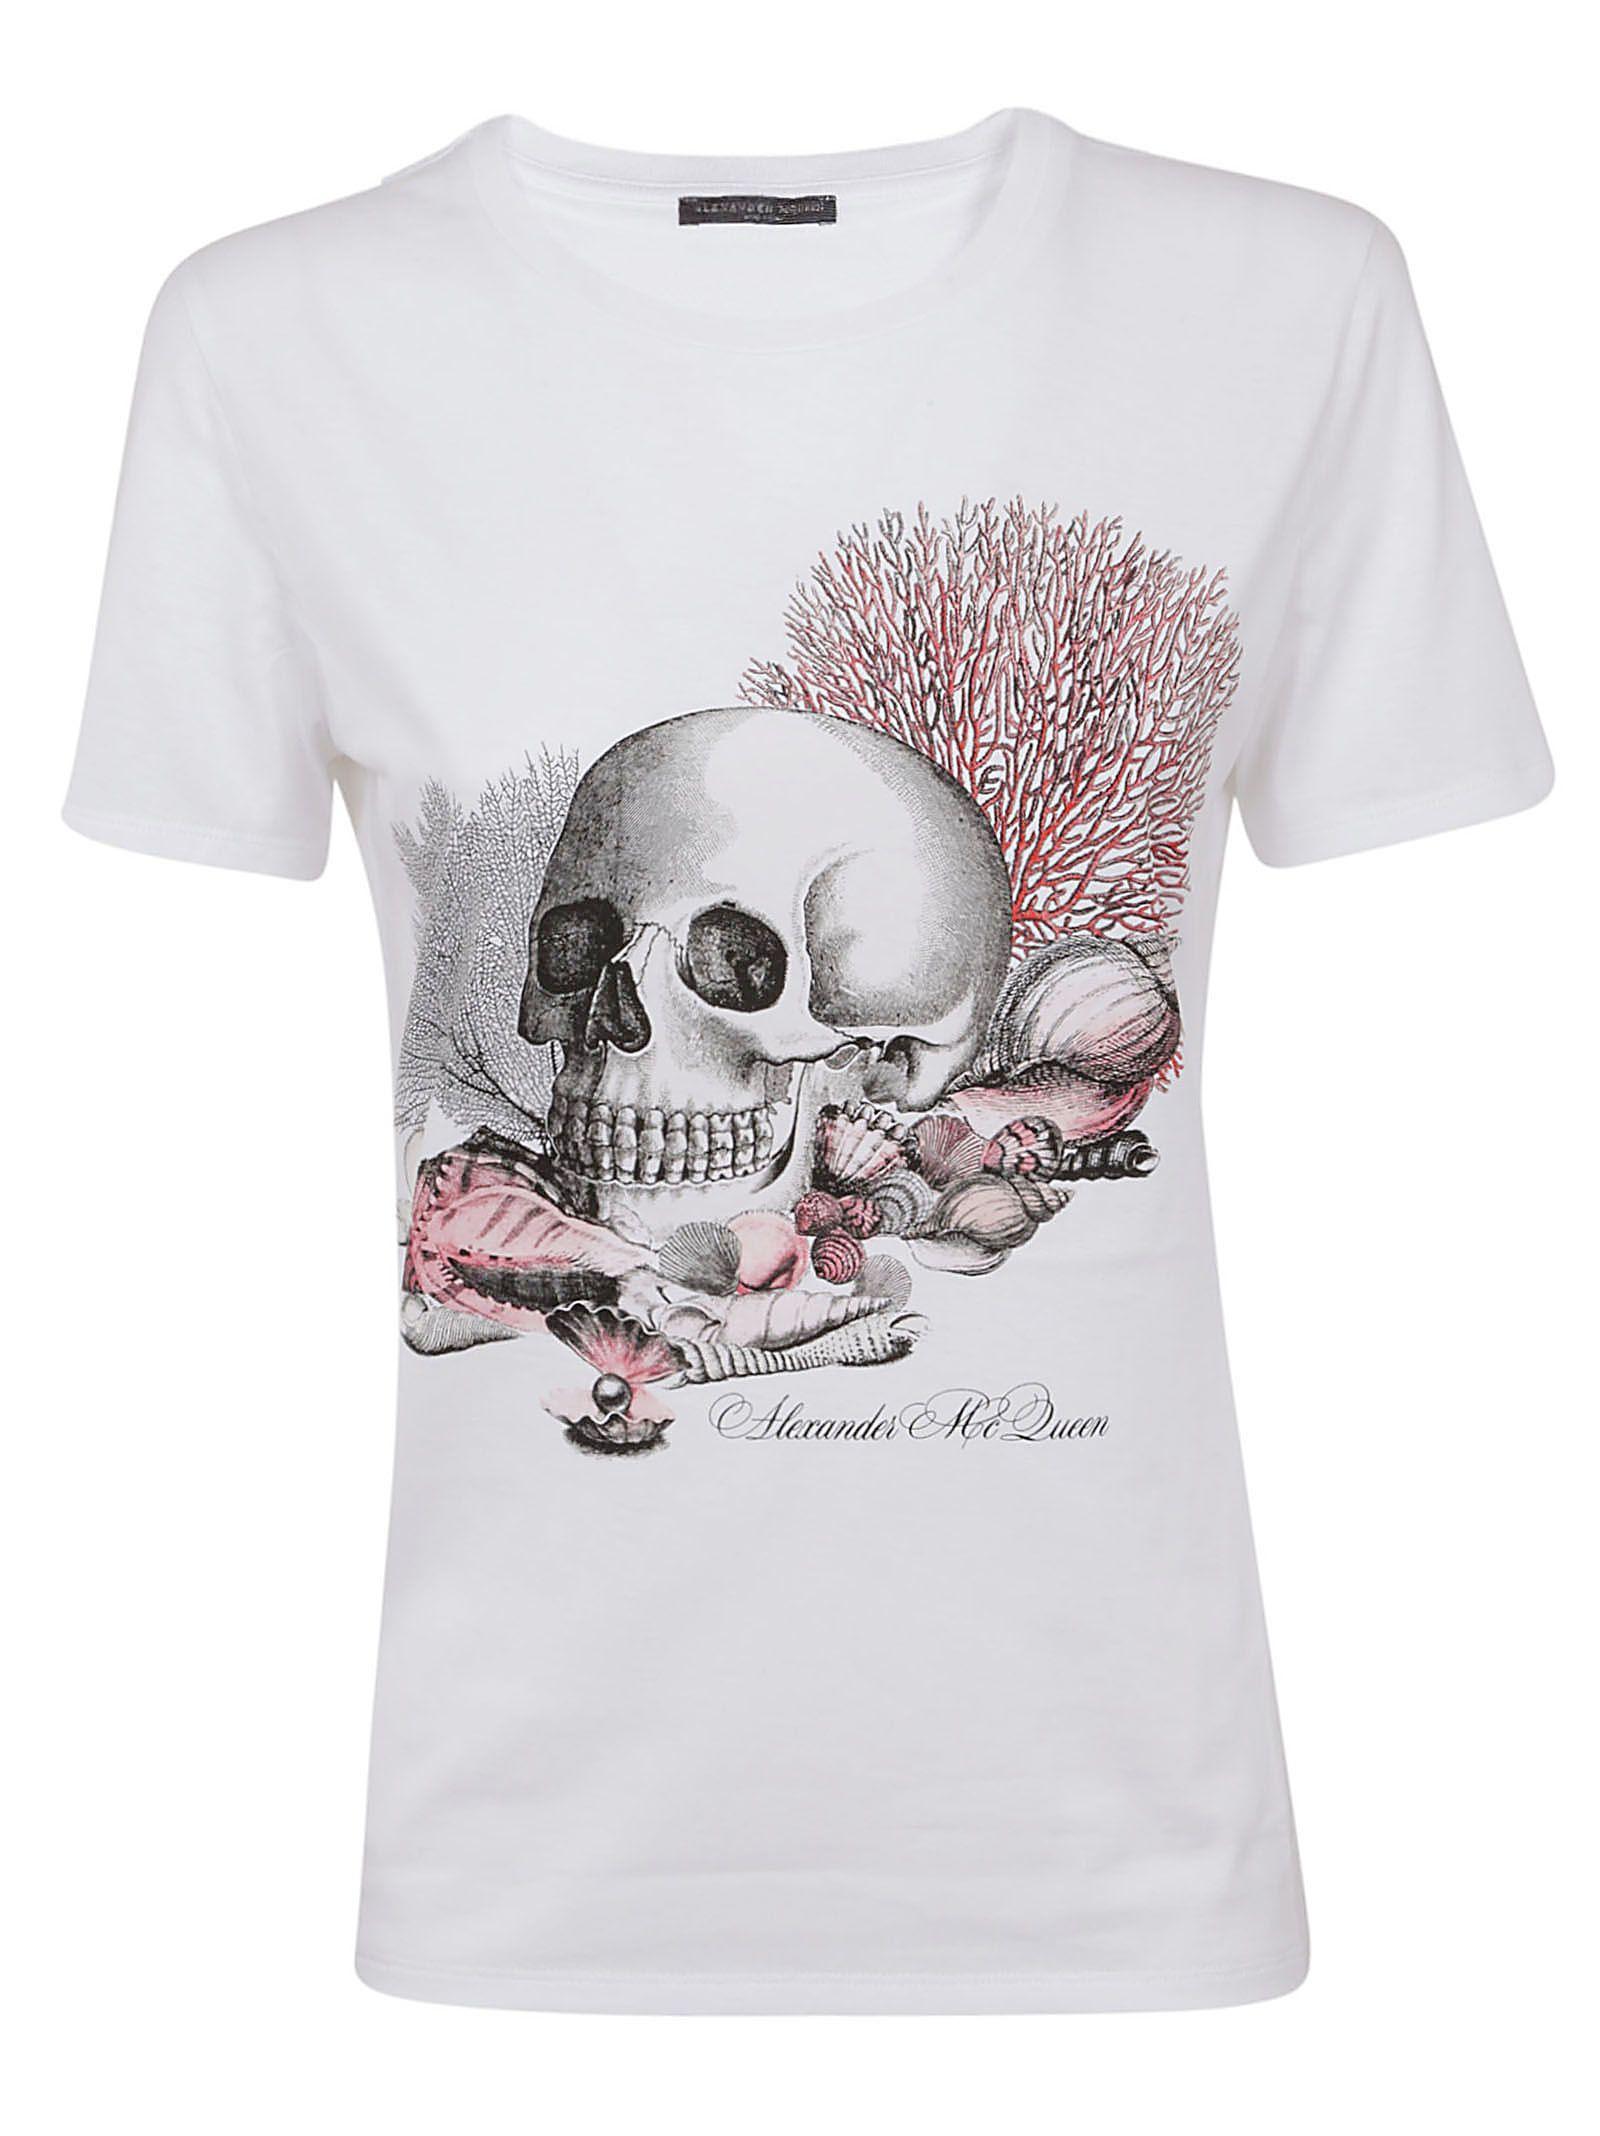 Alexander Mcqueen Seashell Skull Printed T-shirt